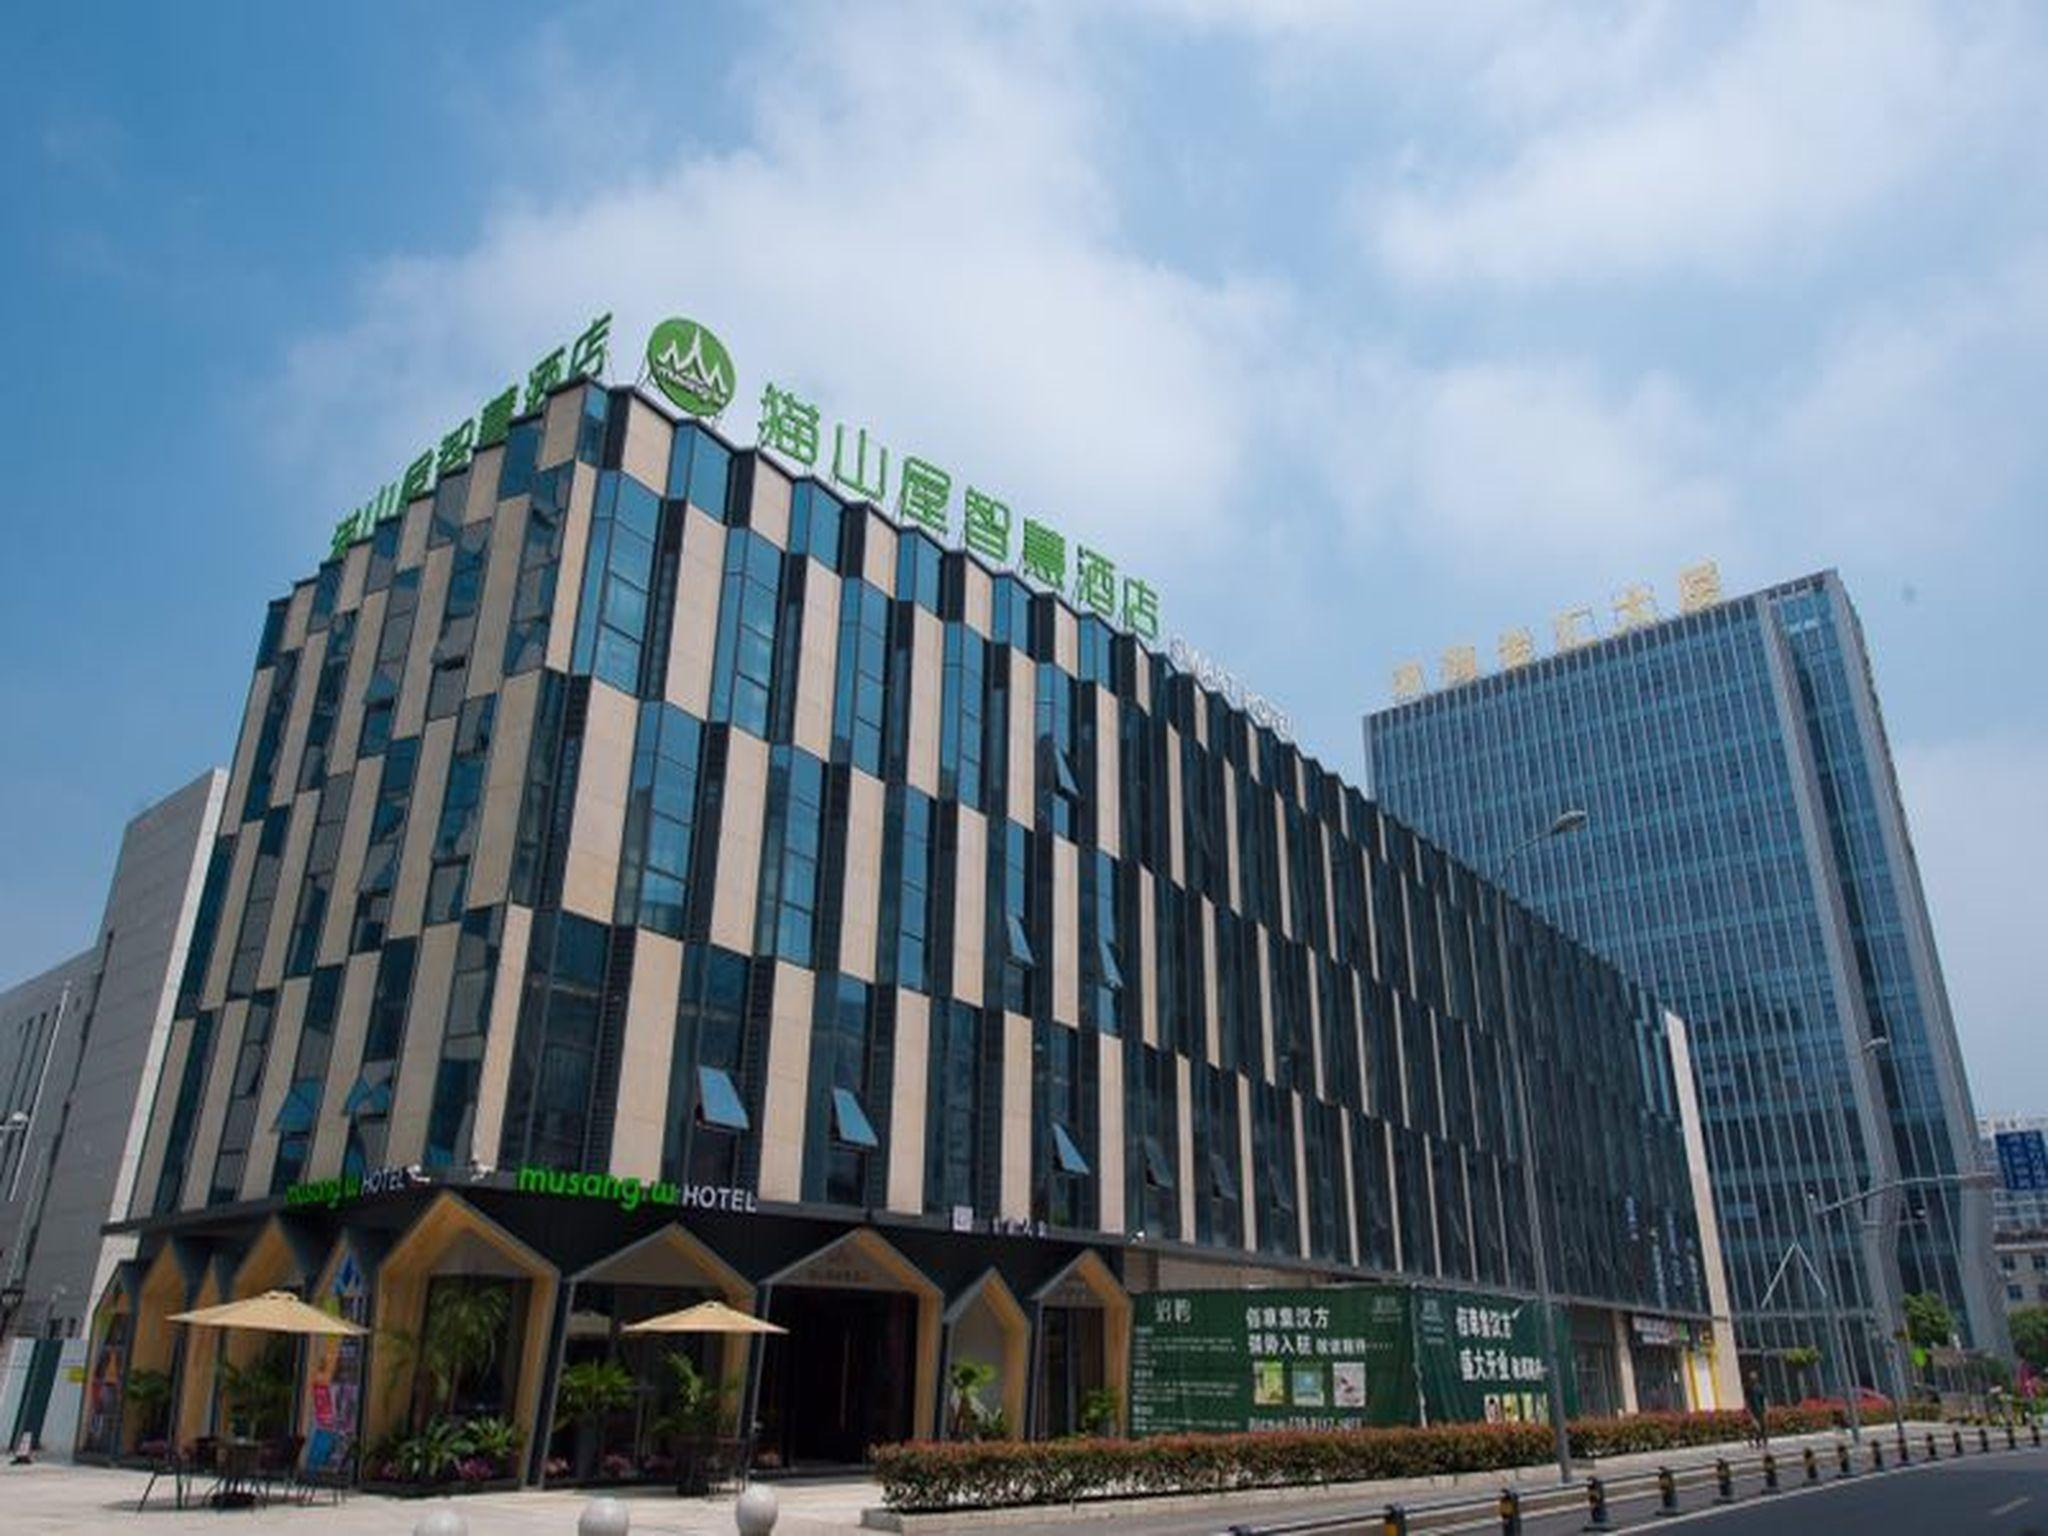 Musang Smart Hotel Changzhou Changzhou China